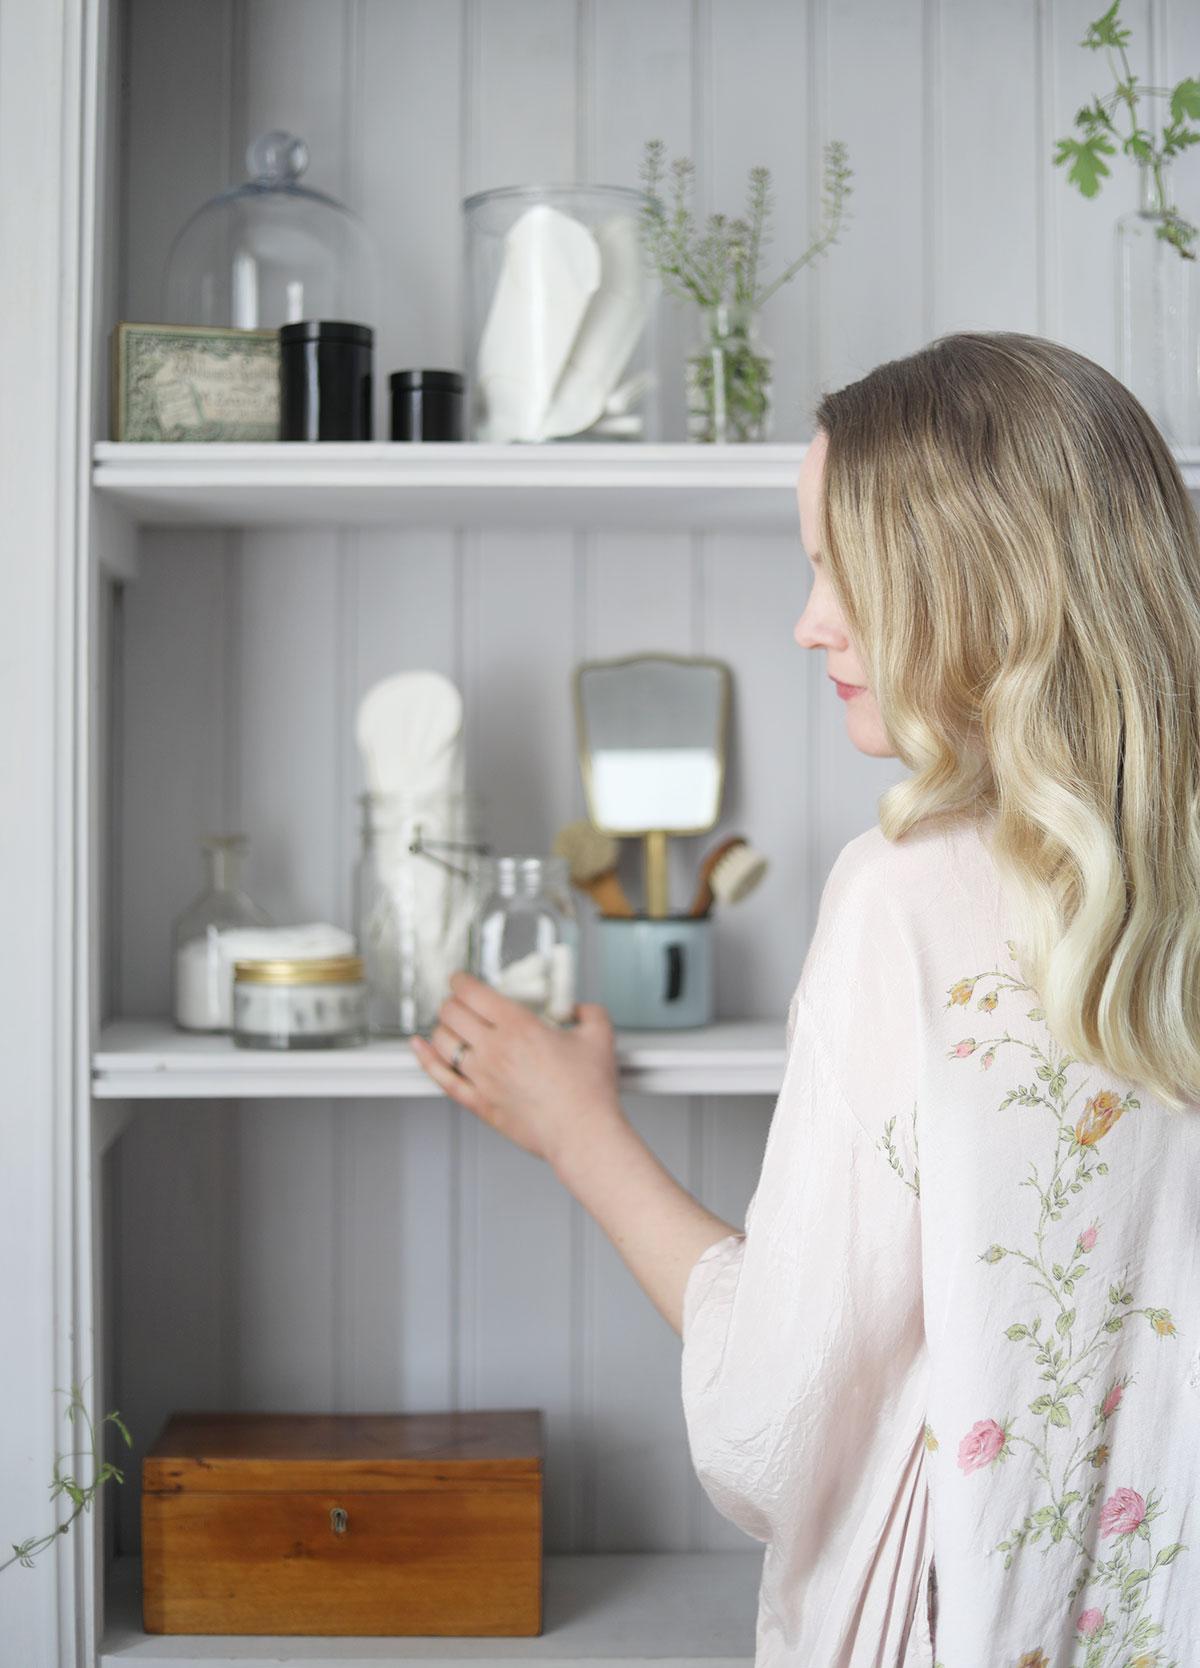 Hållbart (engångsfritt) badrum – klimatsmart DIY, tips och skönhetsråd